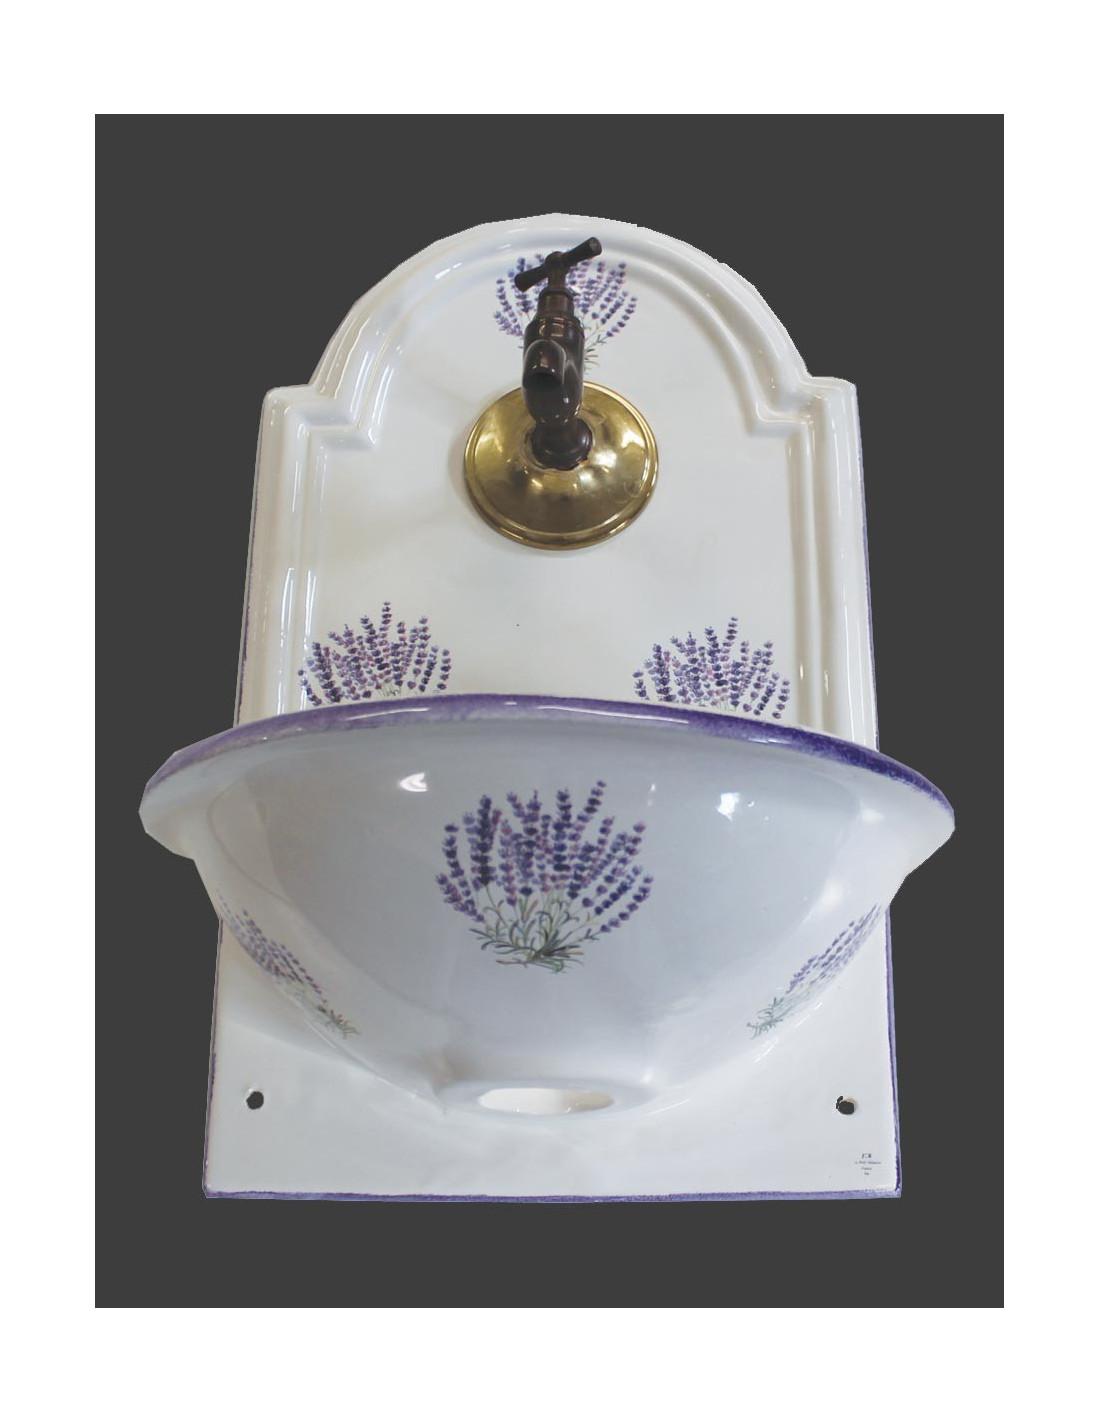 Petite fontaine murale en c ramique blanche d cor bouquets for Ceramique murale blanche